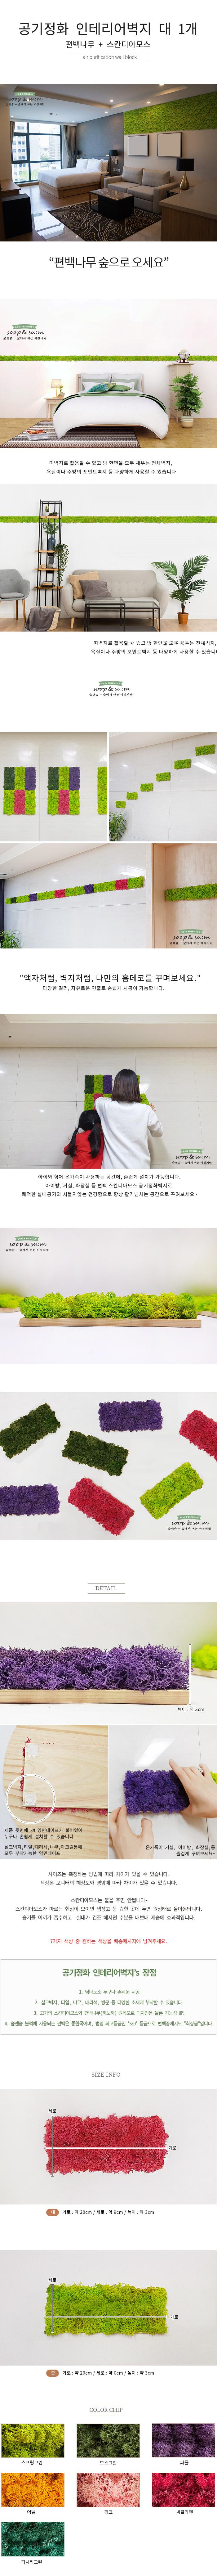 편백 스칸디아모스 포인트벽지 - 손쉬운 블럭형 DIY - 숲앤숨, 18,400원, 장식/부자재, 벽장식